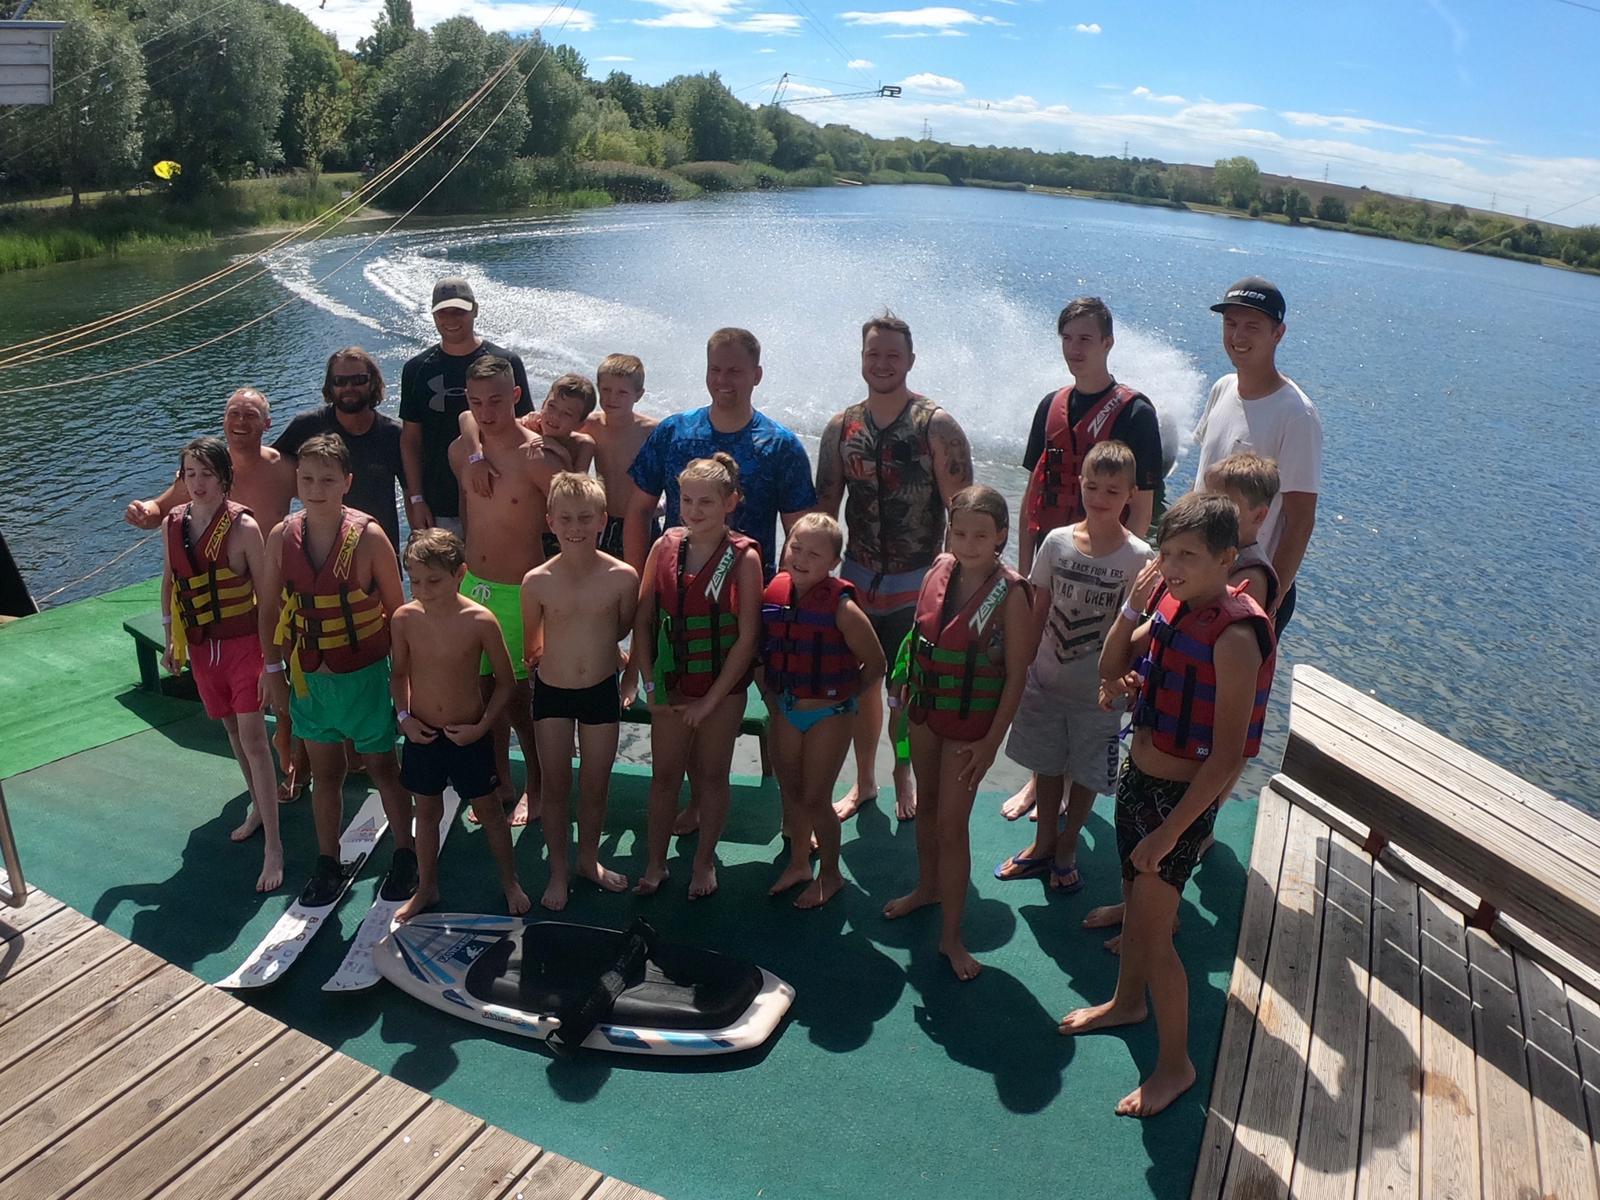 Schöner Sommerabschluss auf Wasserski und Wakeboards